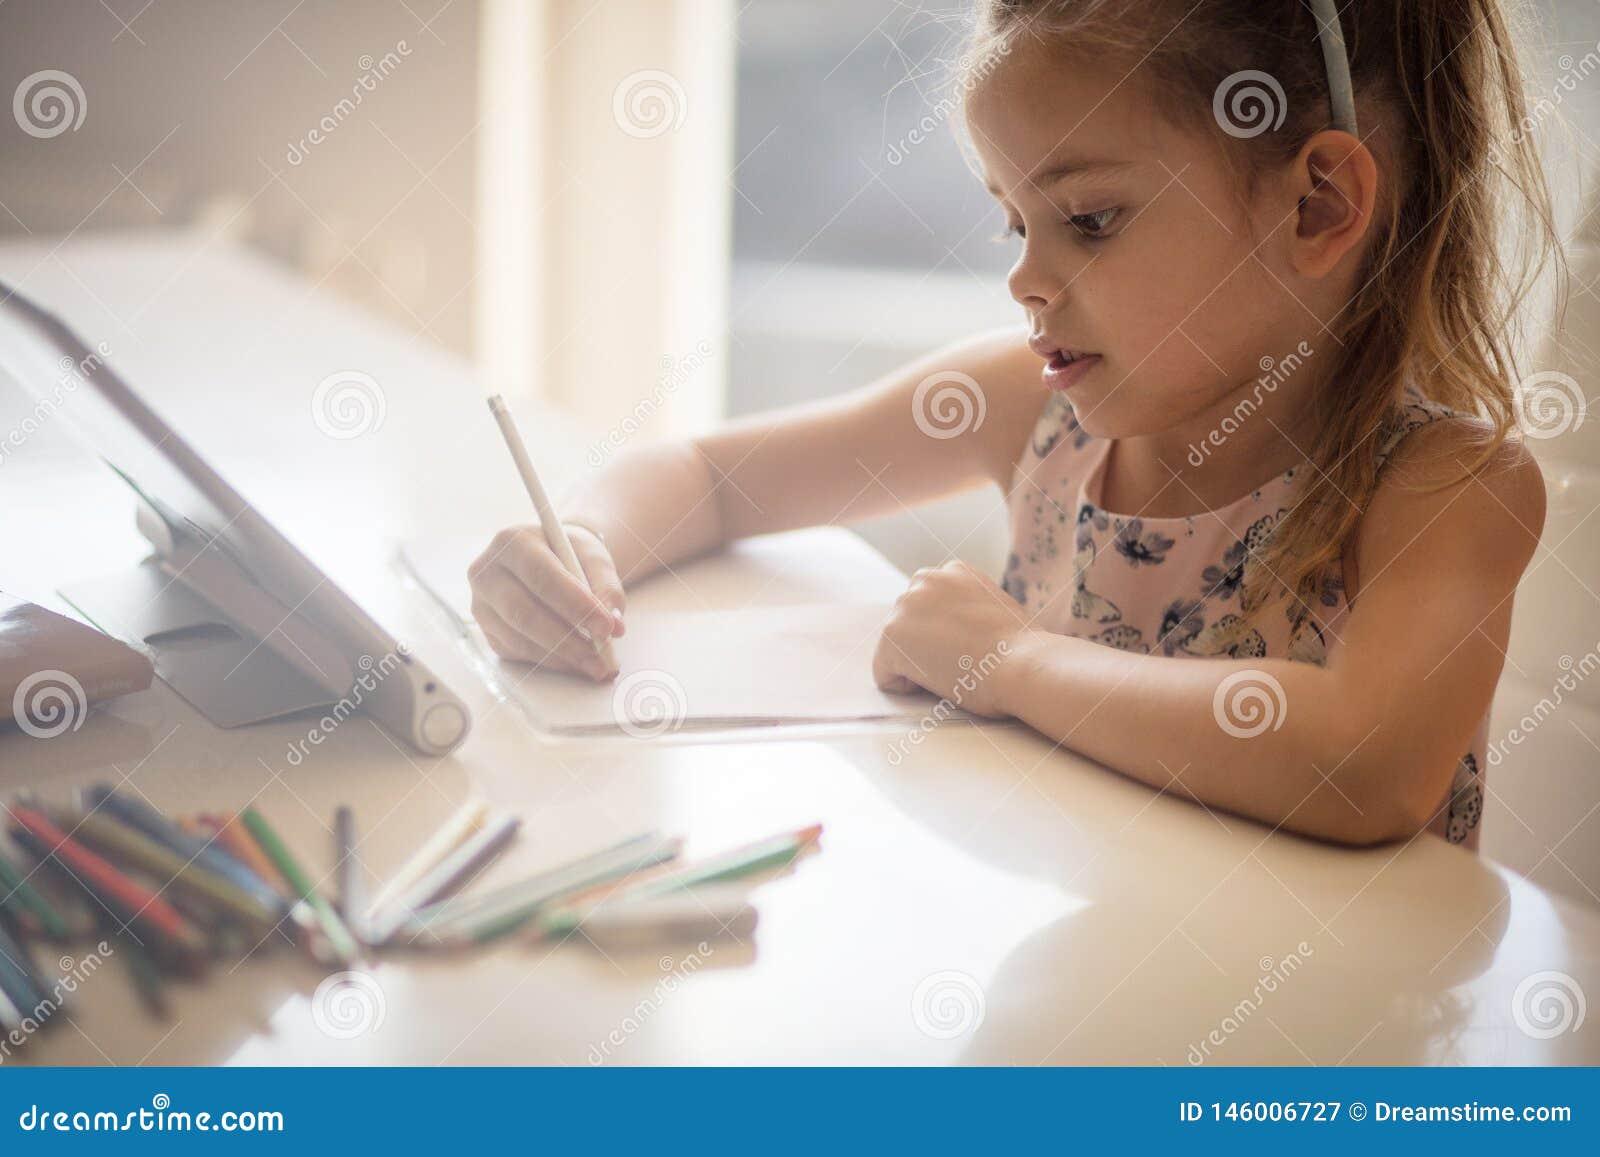 Zij is een ontluikende jonge kunstenaar